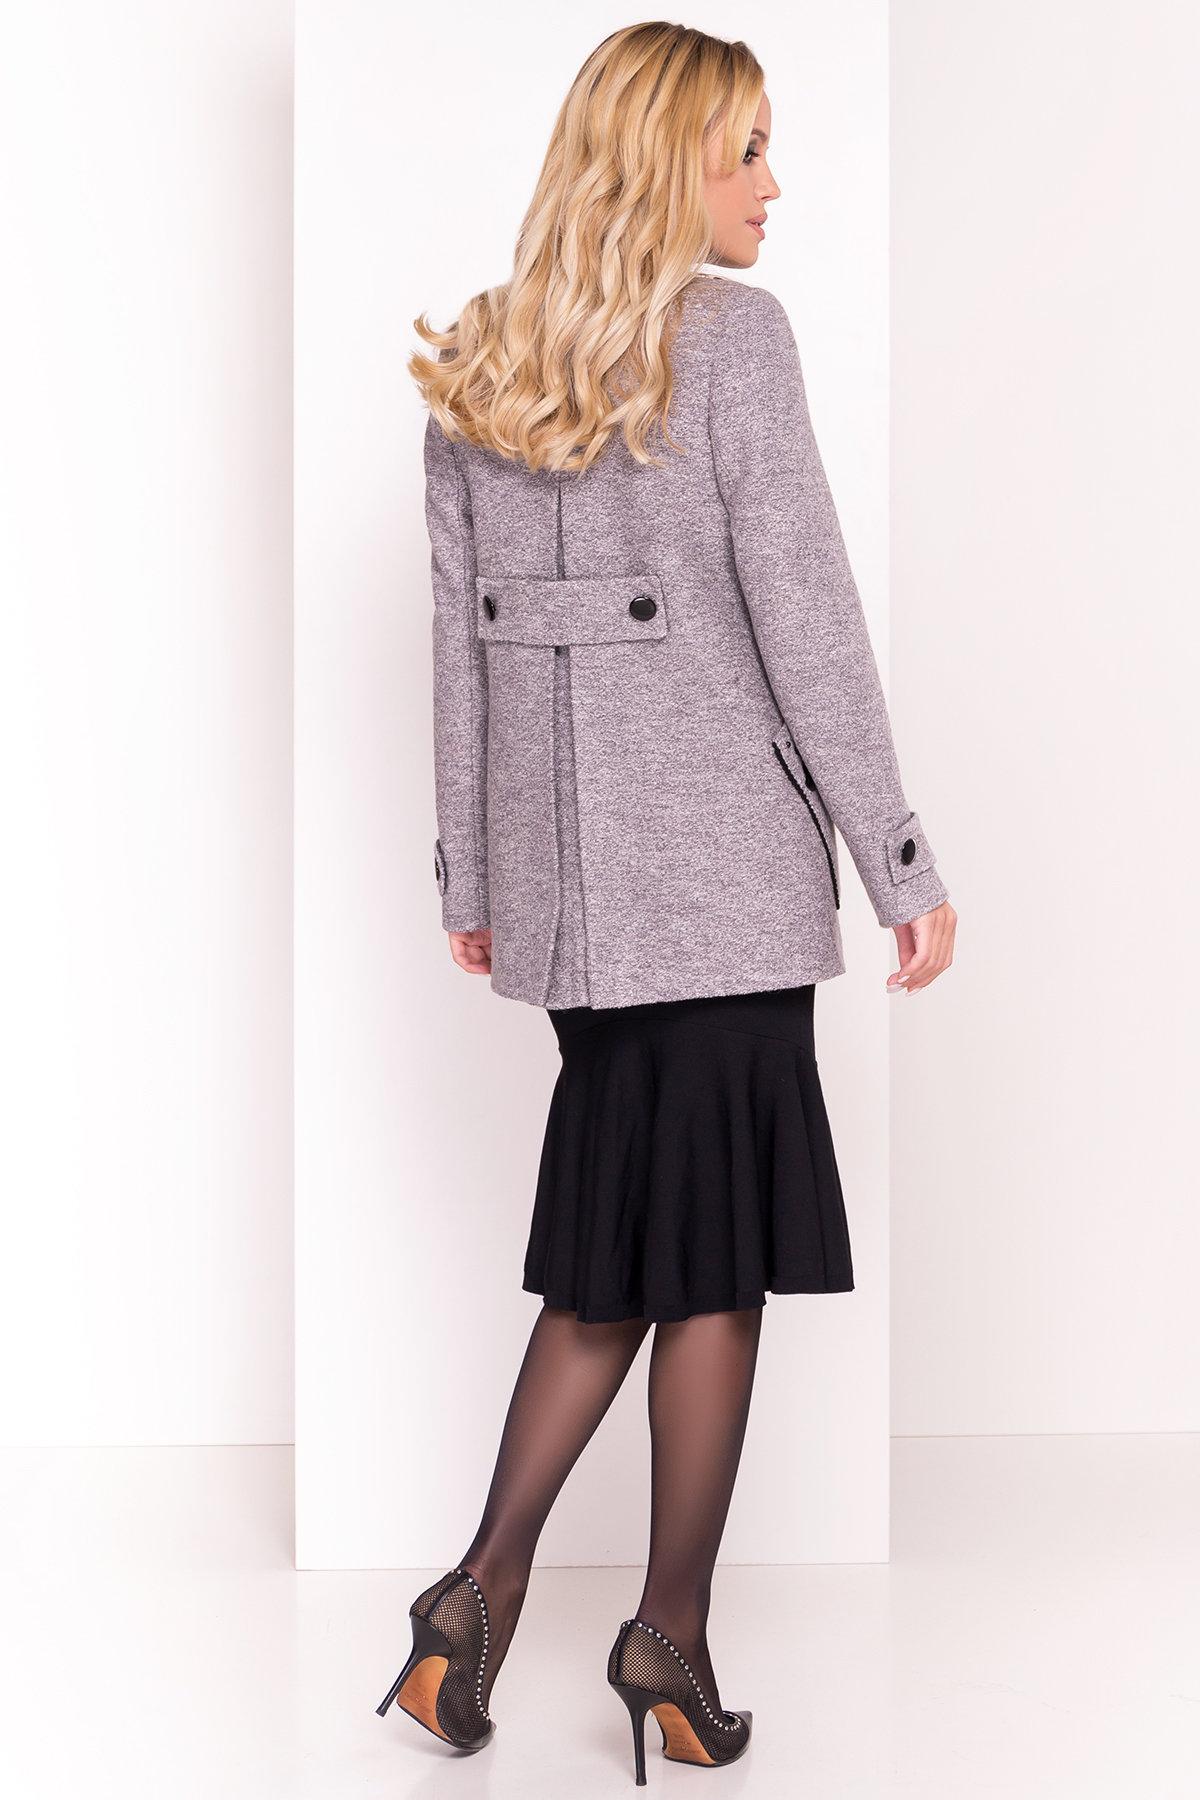 Пальто Латта 5328 АРТ. 37720 Цвет: Серый LW-10 - фото 4, интернет магазин tm-modus.ru